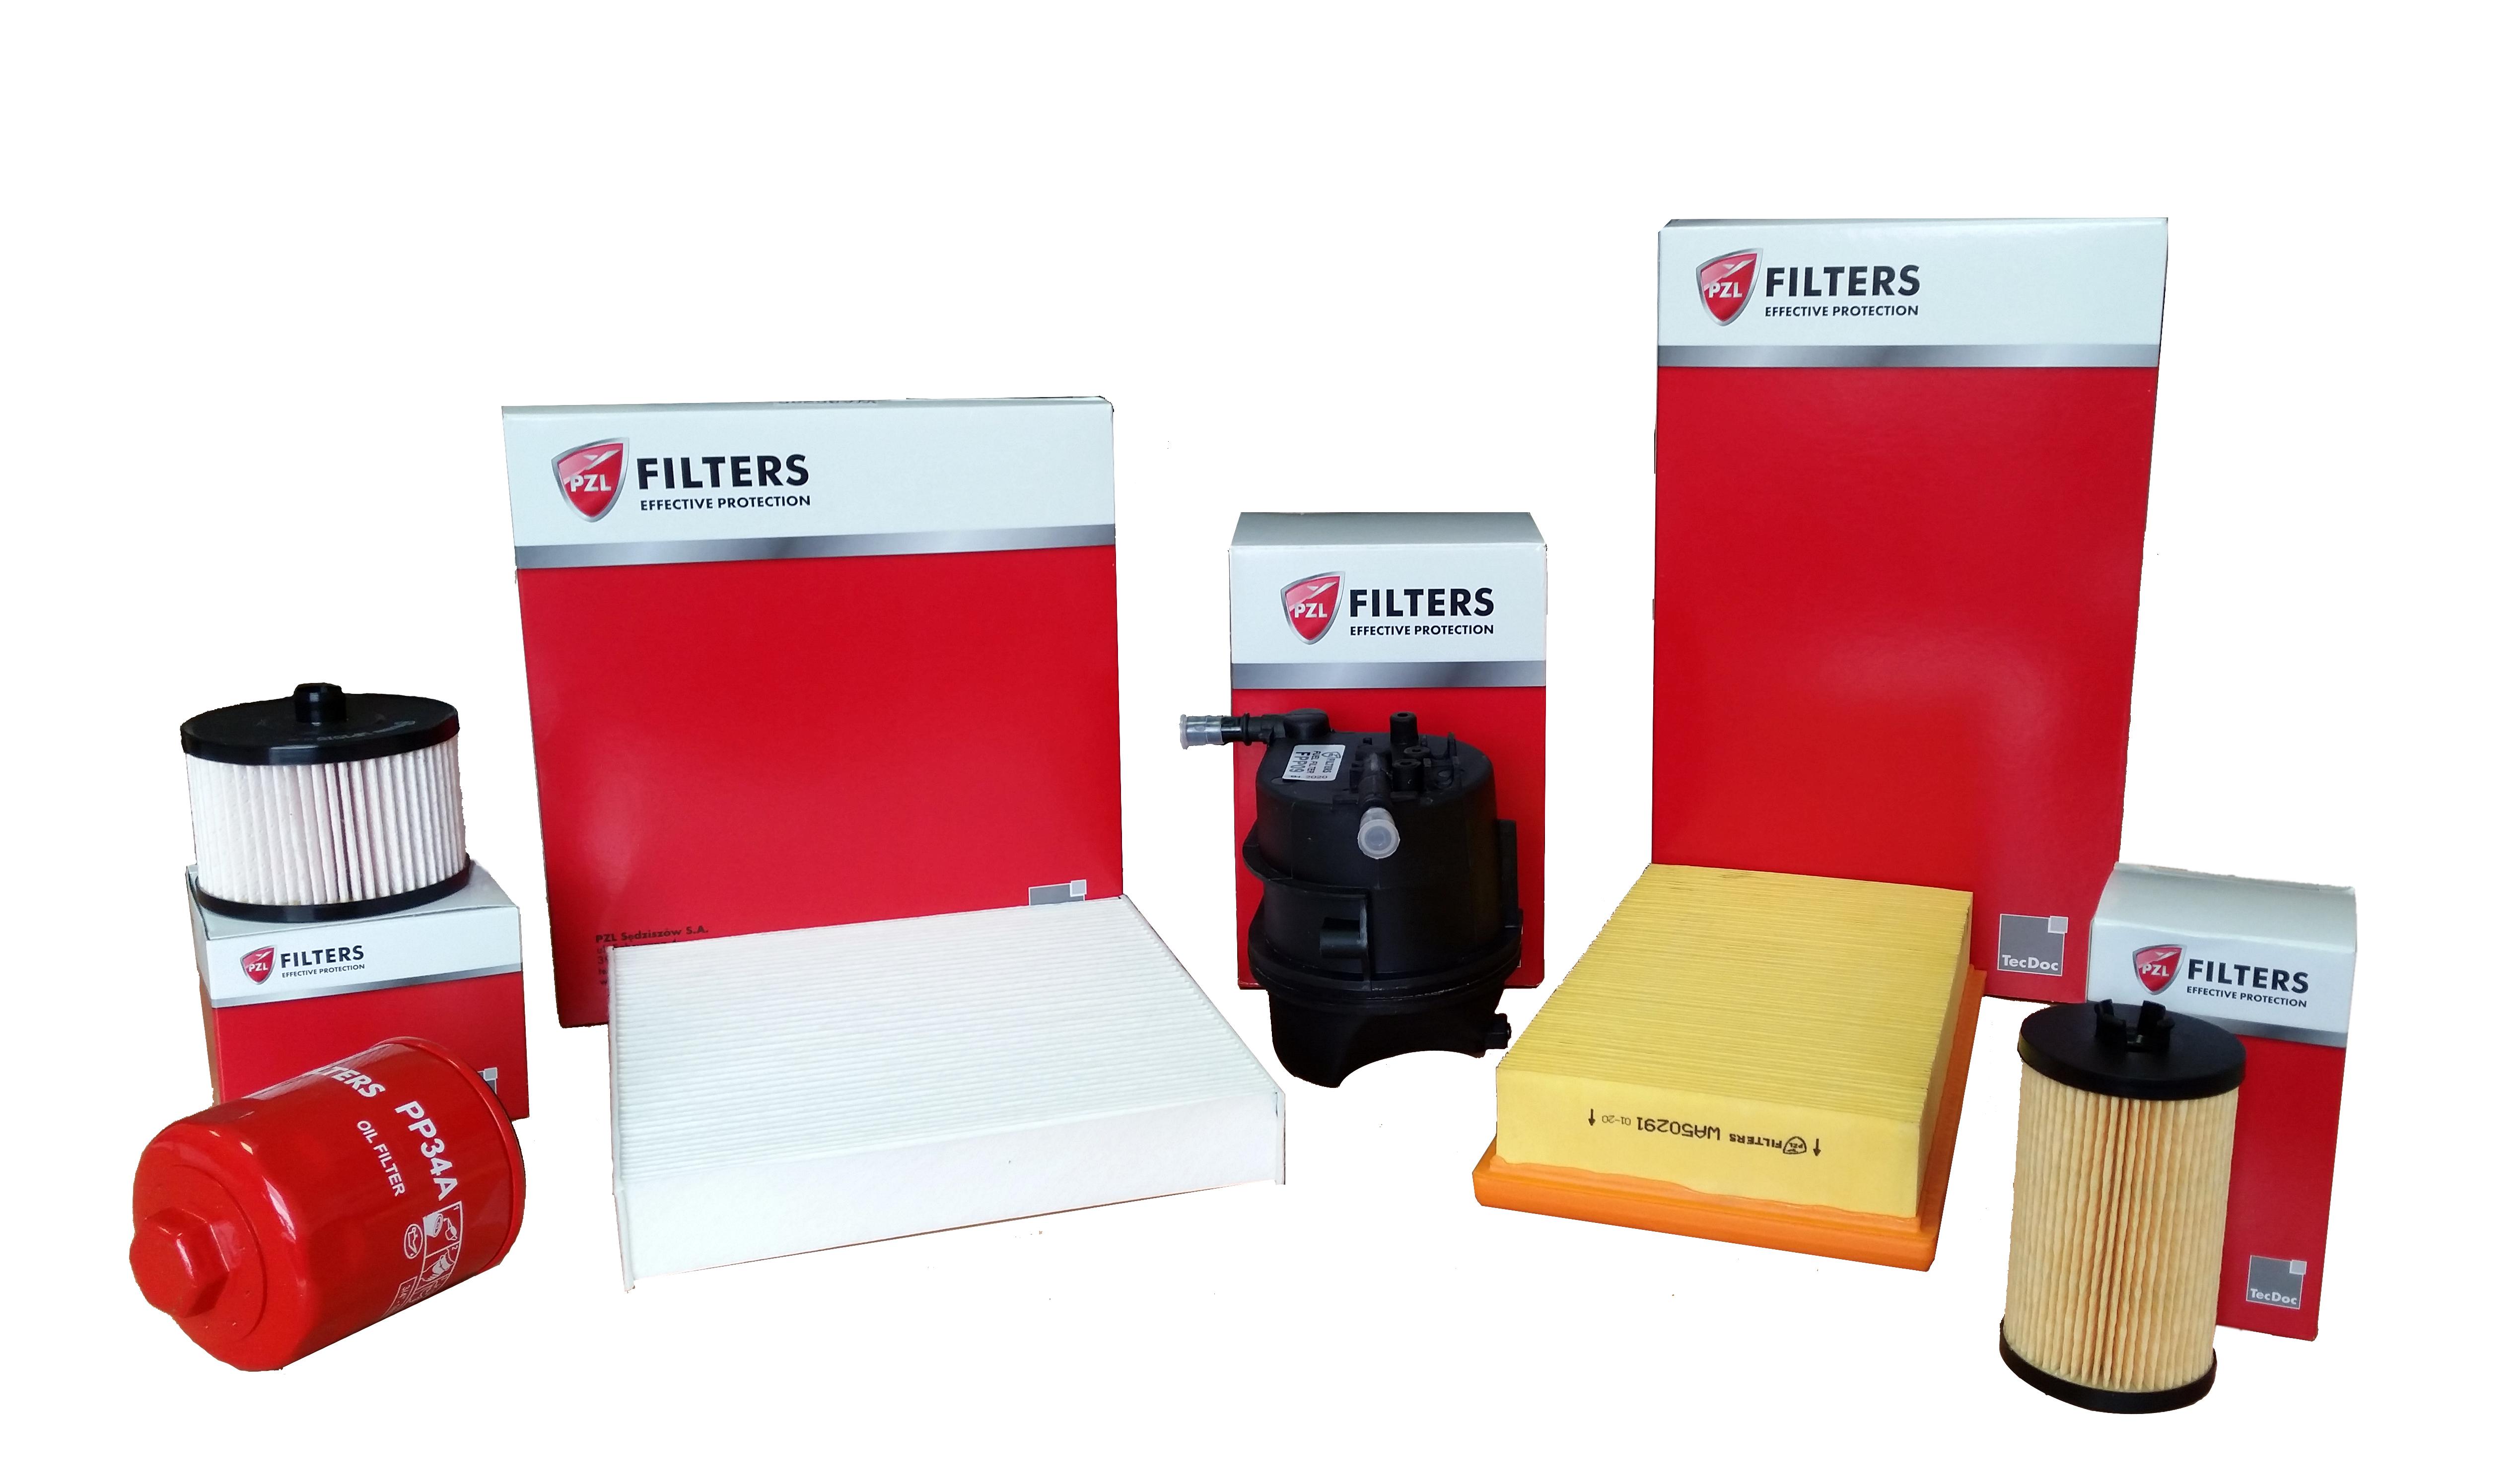 prodotti PZL FiLTERS